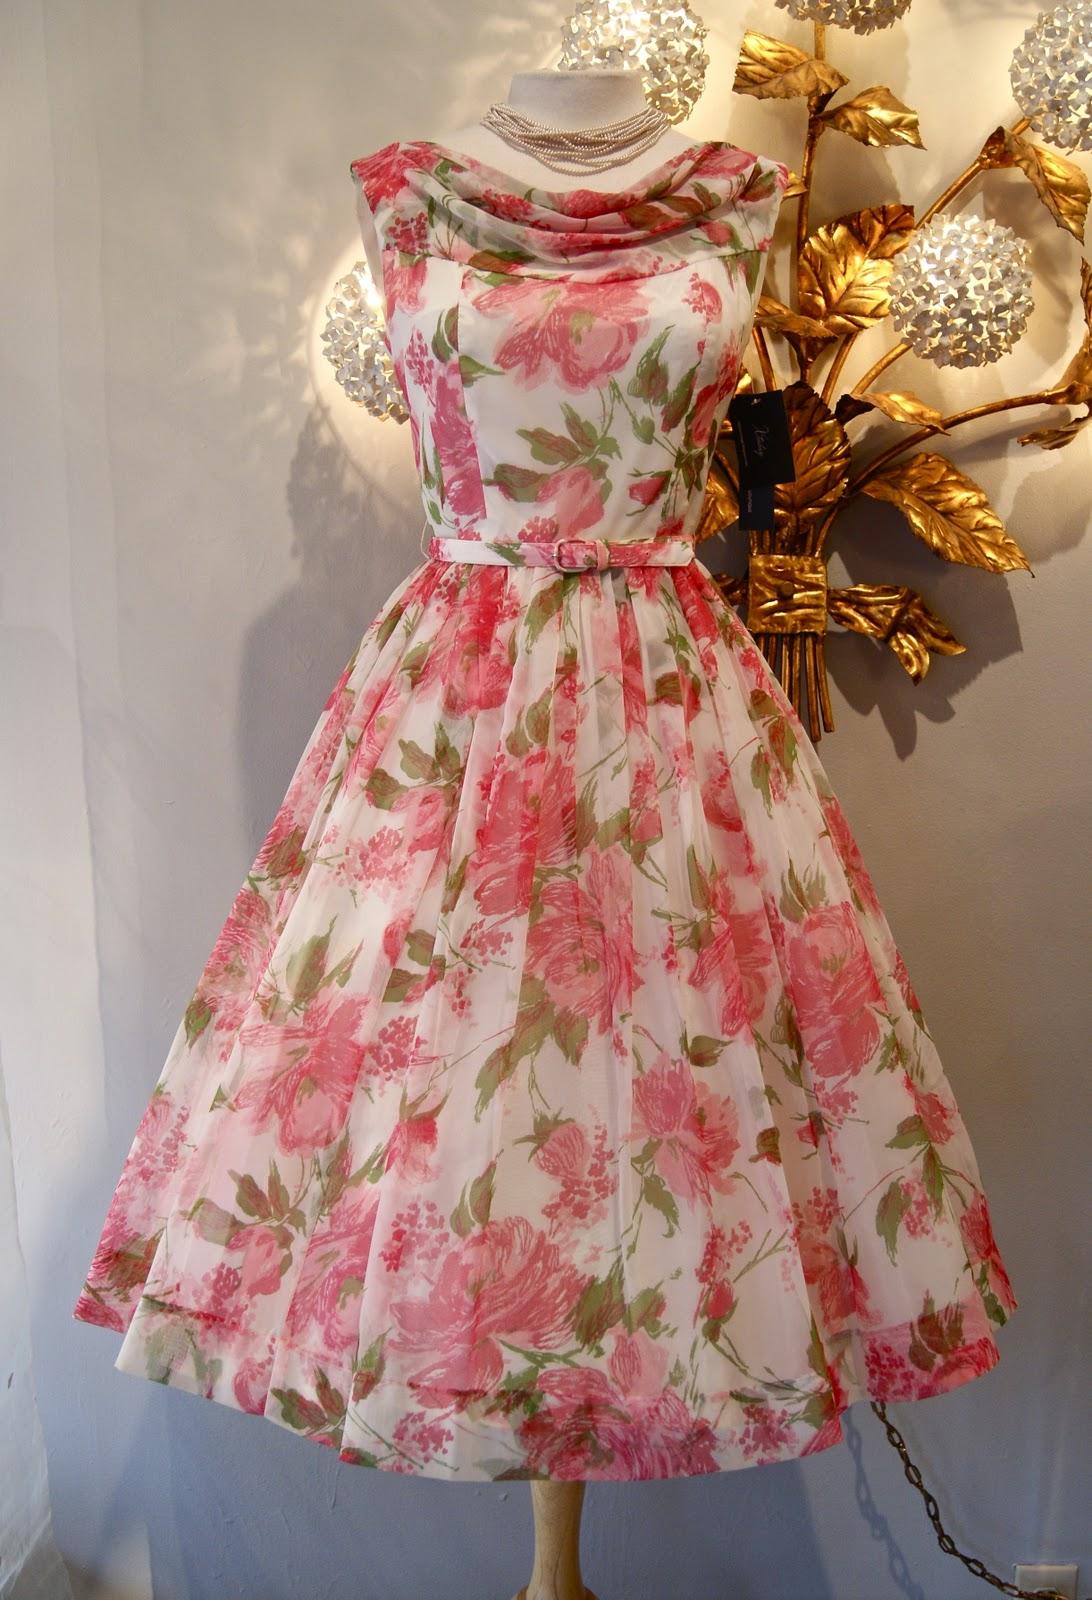 Vintage Tea Party Dresses 45